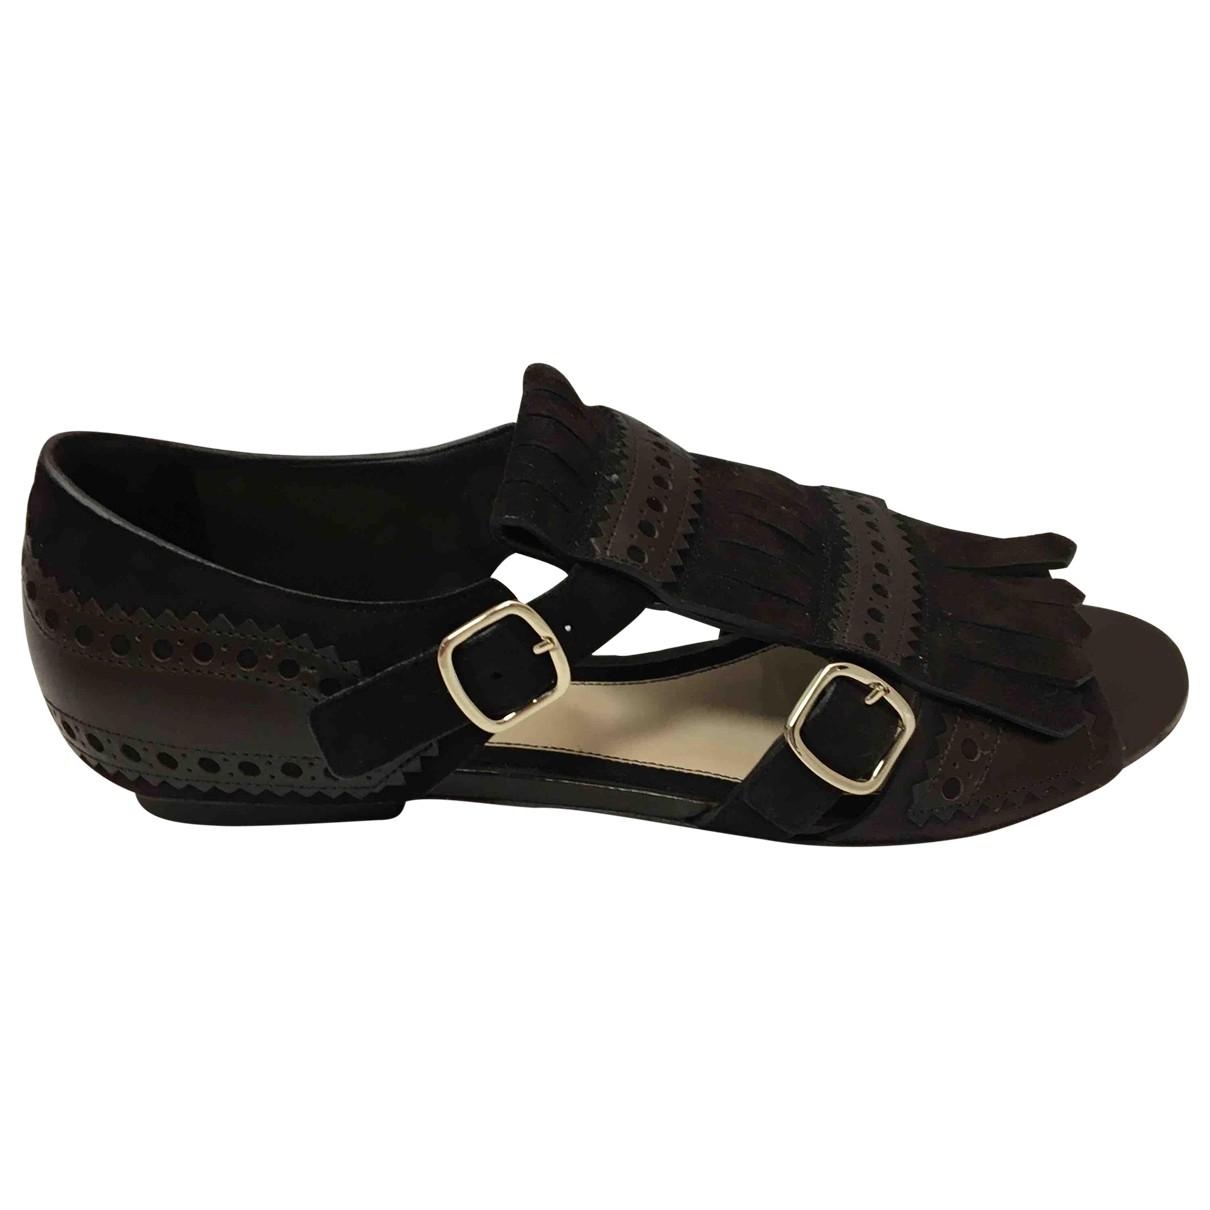 Sandalias romanas de Cuero Santoni